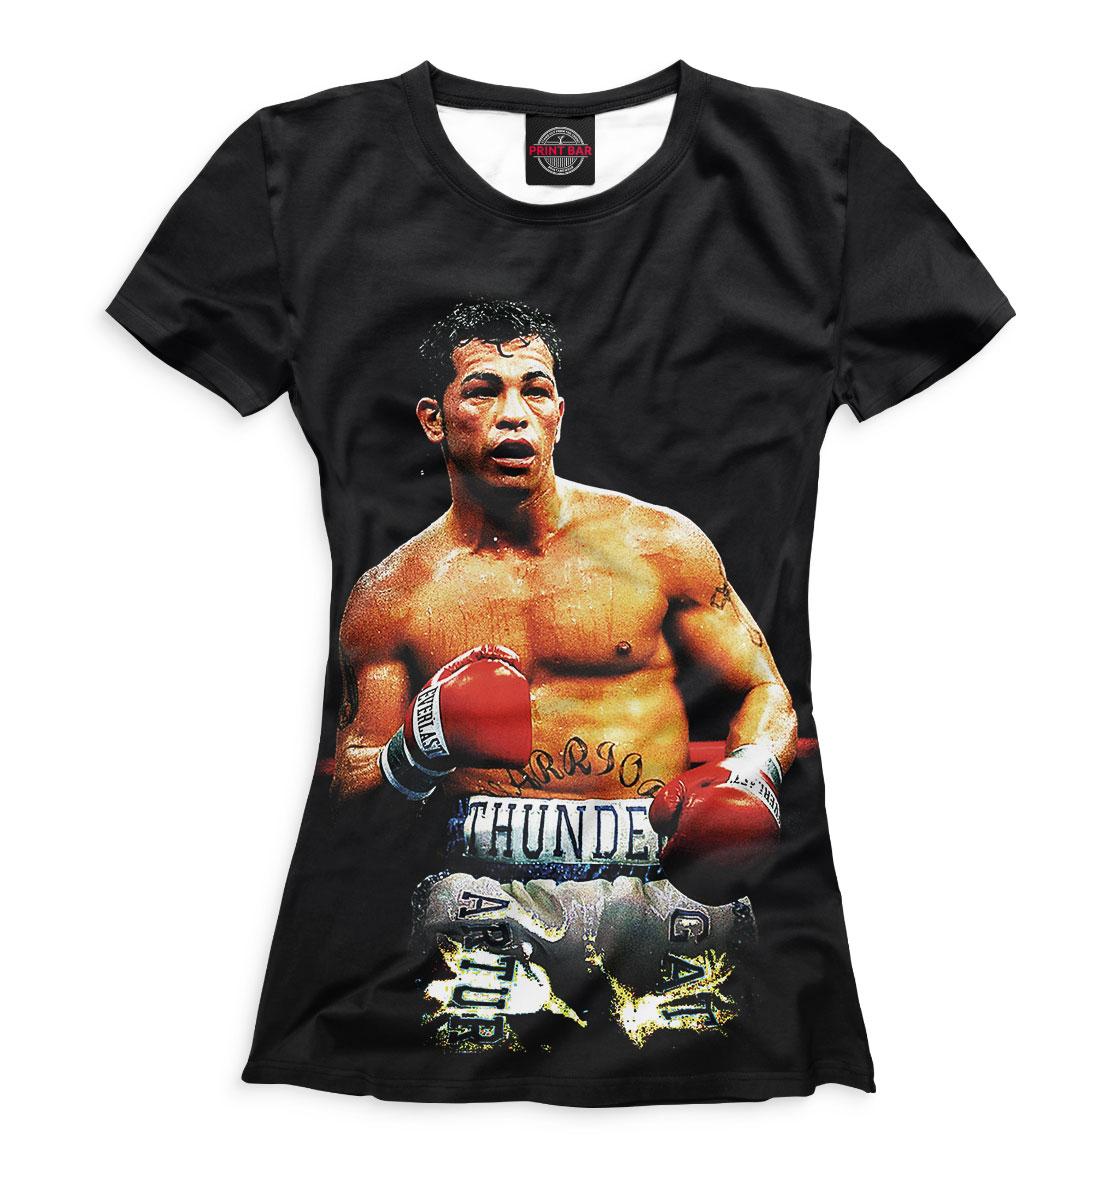 картинки футболок для бокса лучше всего